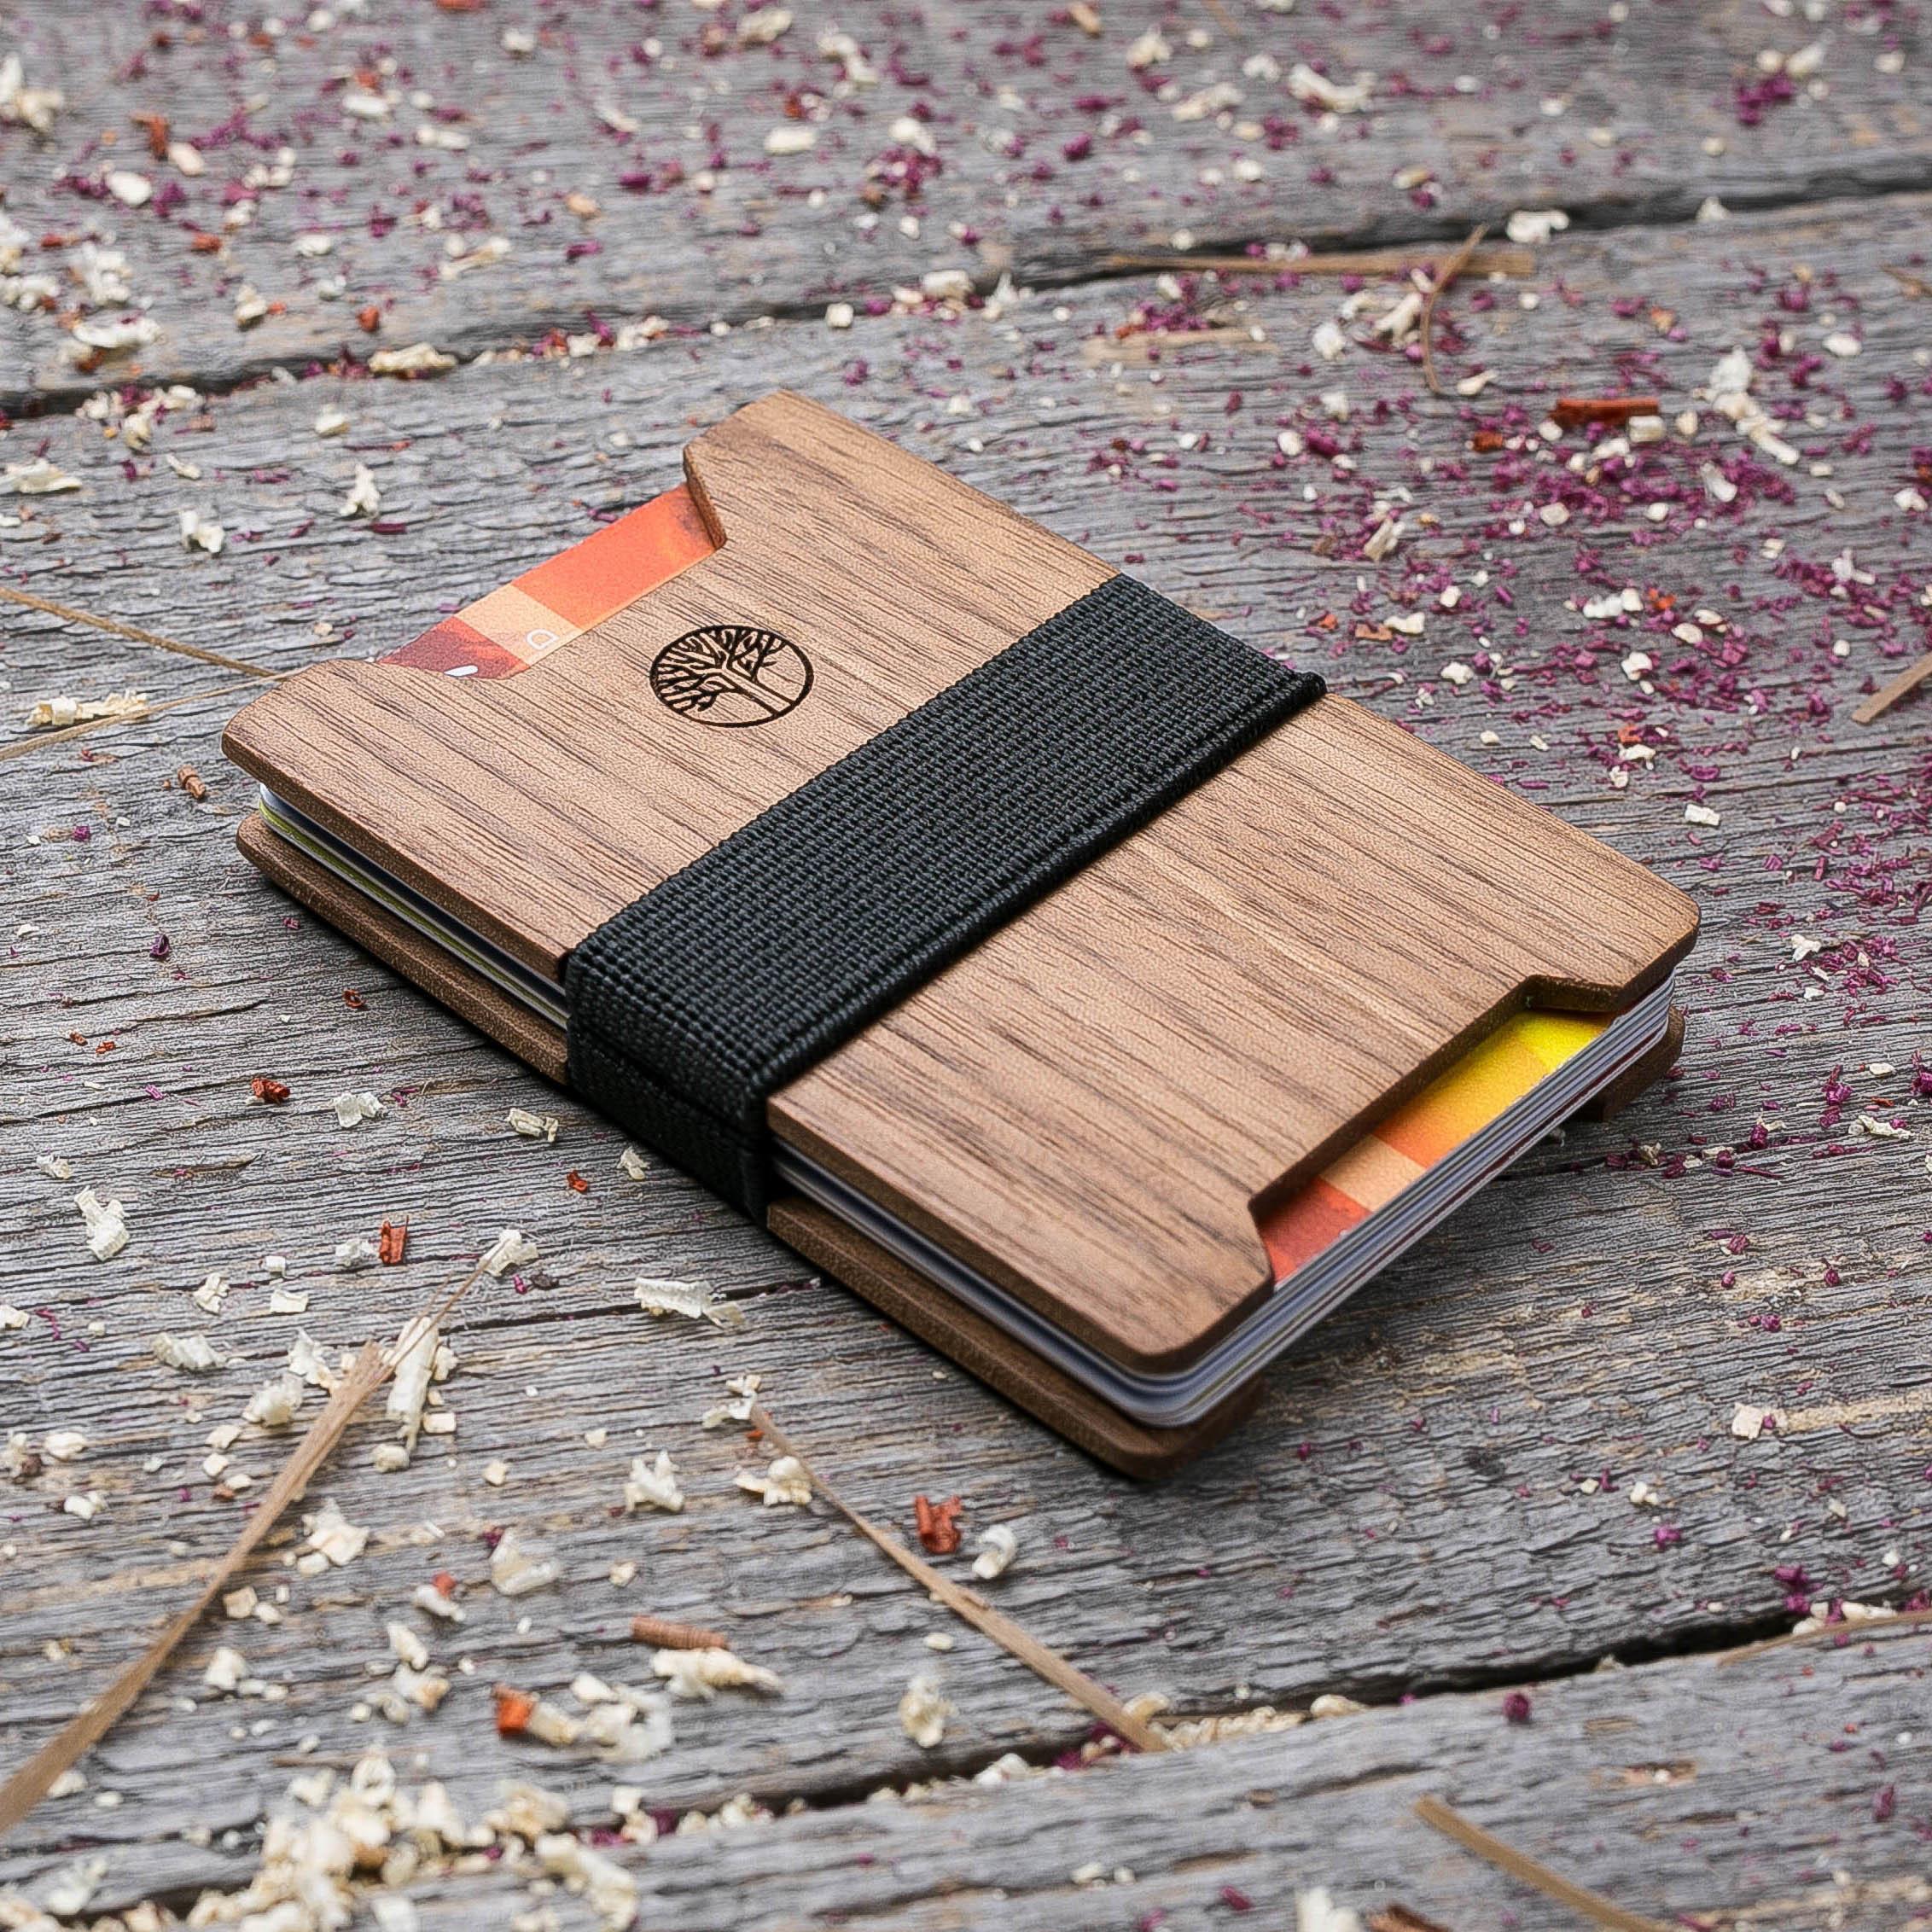 Мини кошелек-кардхолдер из дерева. Массив ореха. Для 1-15 пластиковых карт и купюр. Подарок другу или бизнес партнеру, именной кошелек. Гравировка имени или логотипа + открытка из дерева TwinsMiniWallet-WalnutV